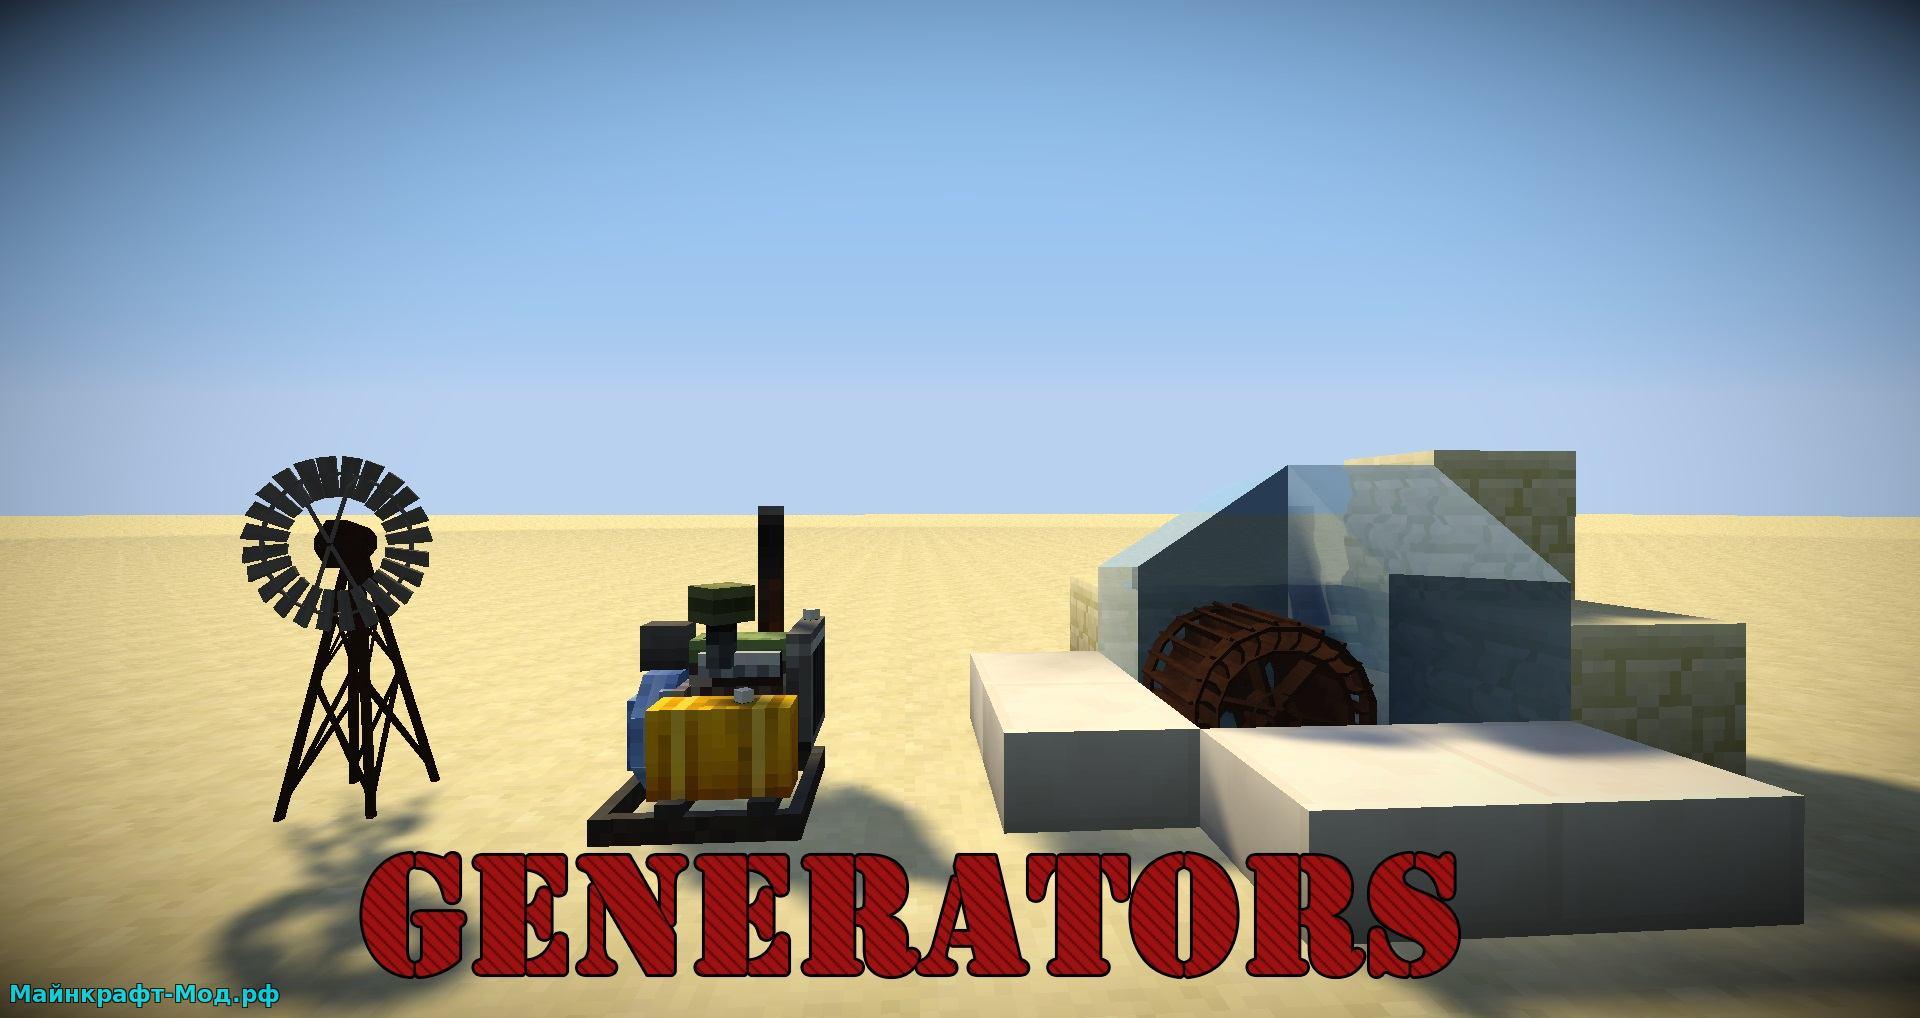 мод на генераторы для майнкрафт